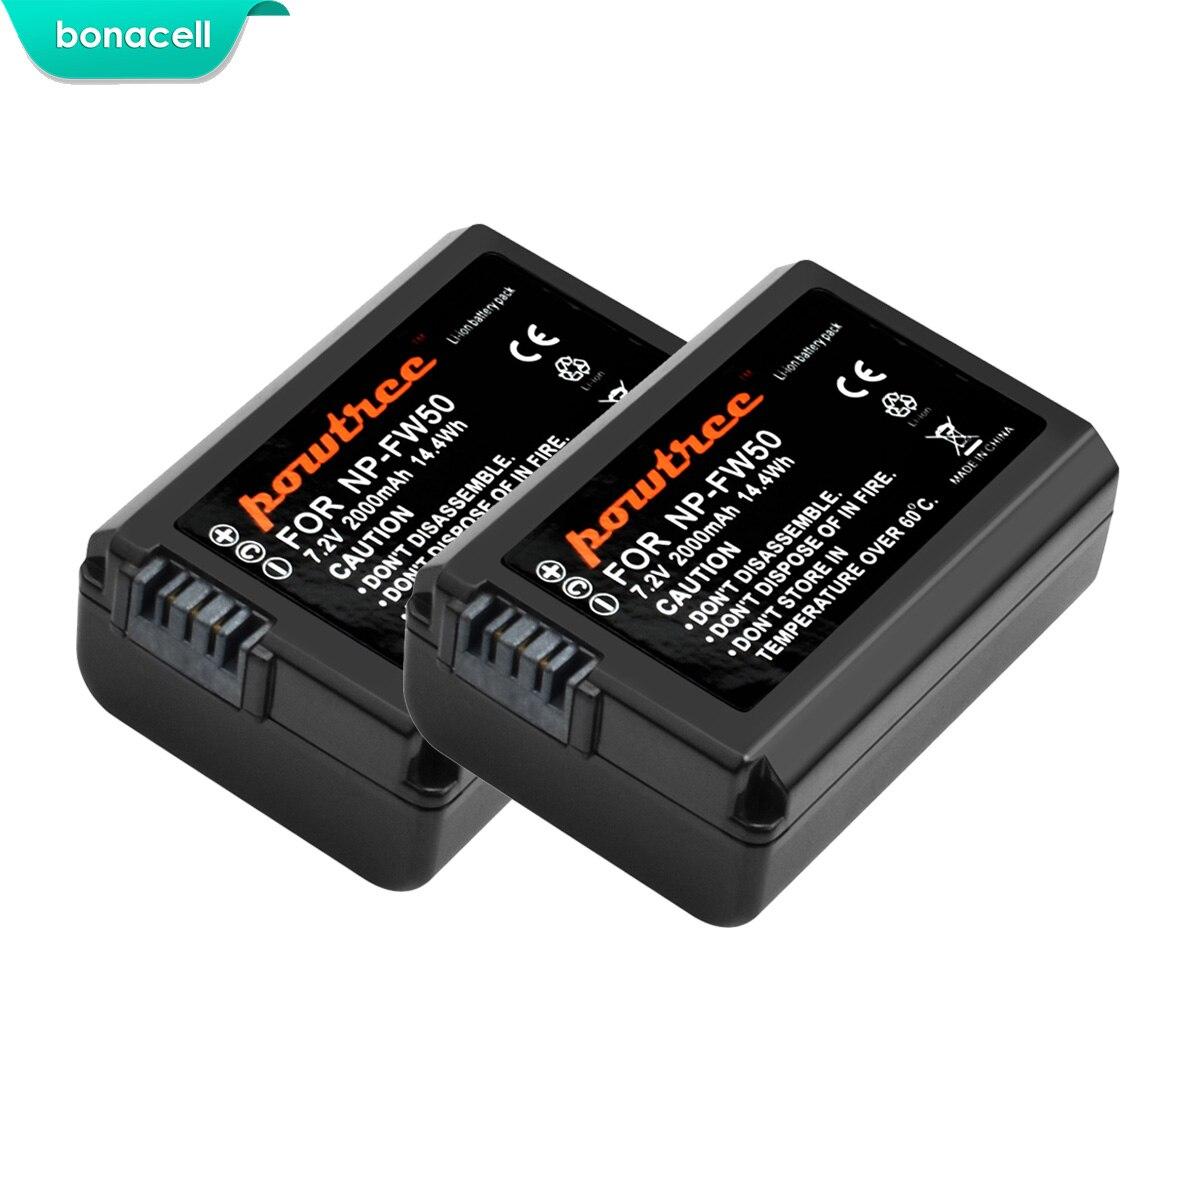 Bonacell 2000 mah NP-FW50 NP FW50 Batterie AKKU Pour Sony NEX-7 NEX-5N NEX-5R NEX-F3 NEX-3D Alpha a5000 a6000 DSC-RX10 Alpha 7 a7IIBonacell 2000 mah NP-FW50 NP FW50 Batterie AKKU Pour Sony NEX-7 NEX-5N NEX-5R NEX-F3 NEX-3D Alpha a5000 a6000 DSC-RX10 Alpha 7 a7II